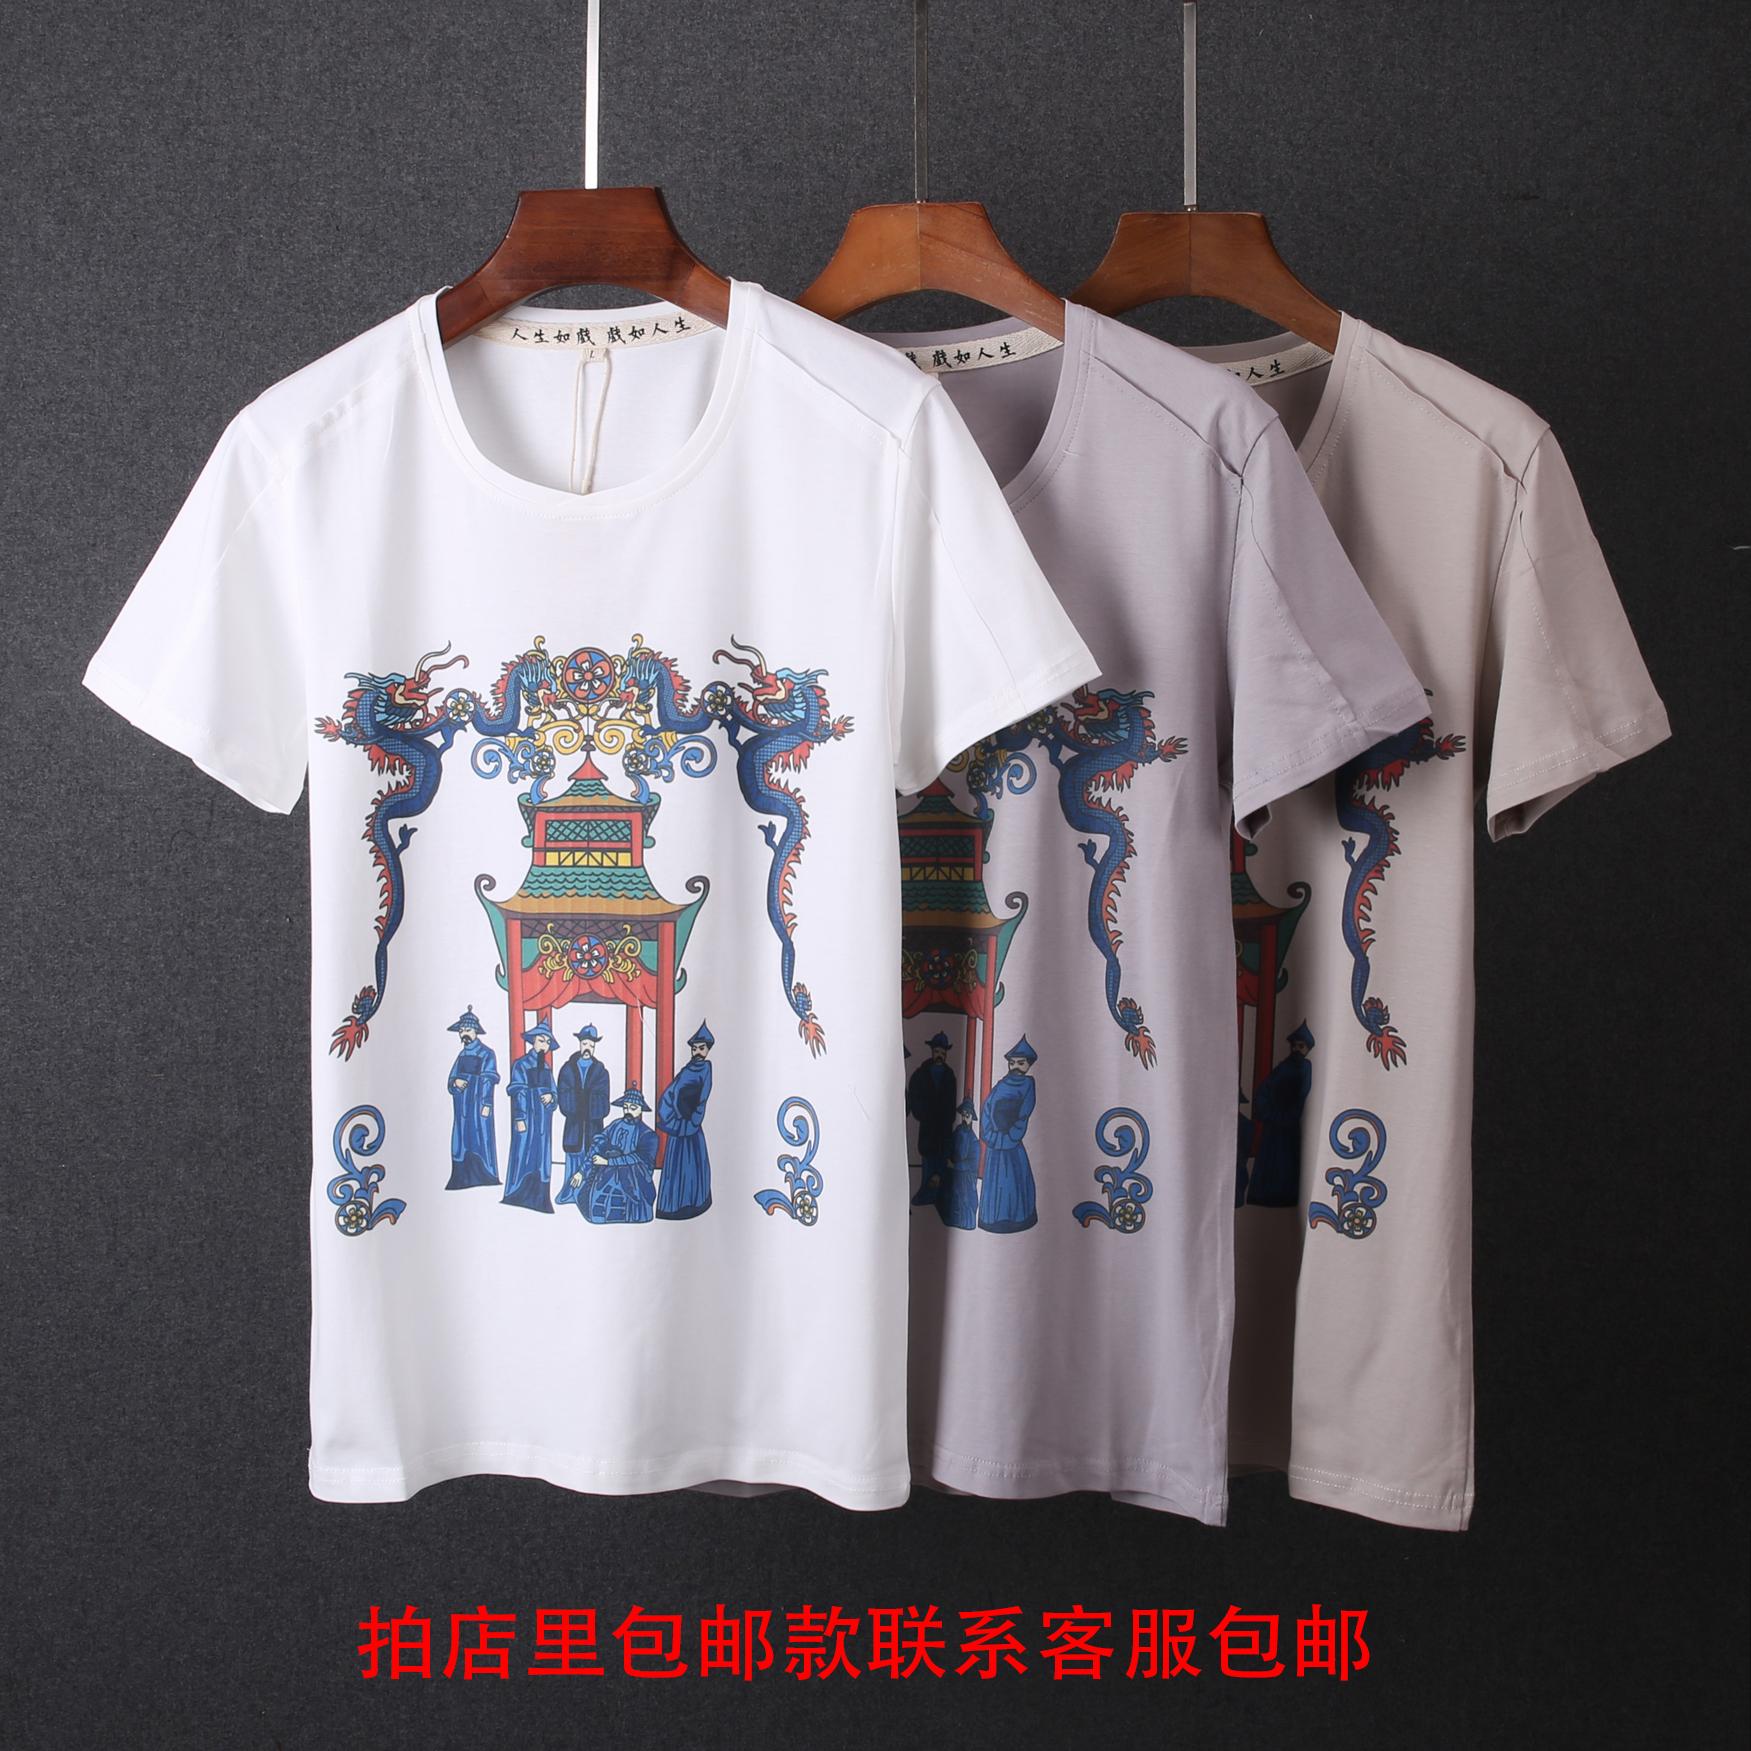 Mùa hè nam ngắn tay t-shirt vòng cổ Trung Quốc phong cách in ấn quần áo thanh niên nửa tay áo của nam giới xu hướng thời trang T-Shirt 9108